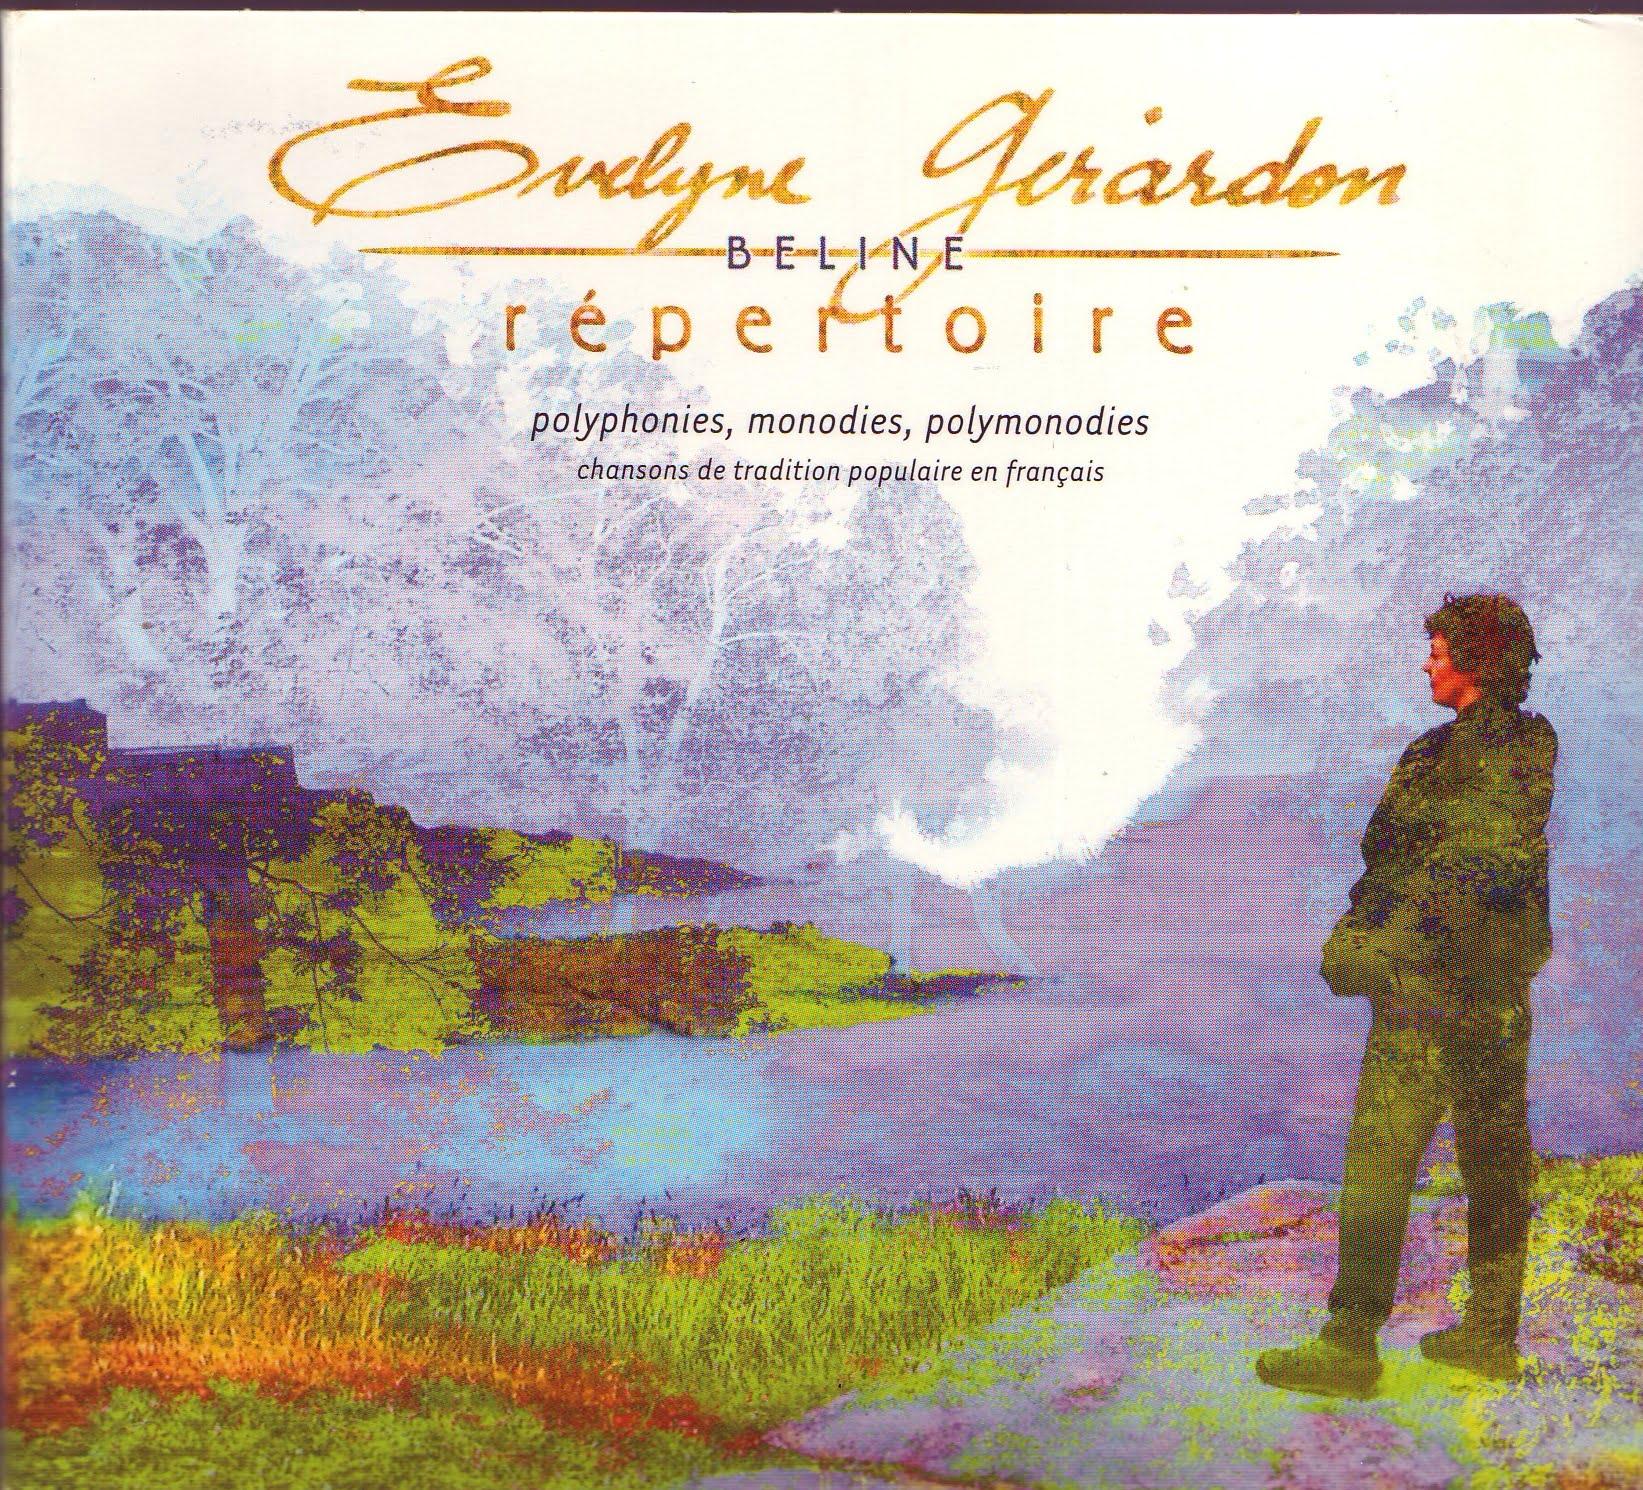 2005 - « Répertoire » Double-CD d' Évelyne Girardon Prod. La Compagnie Beline